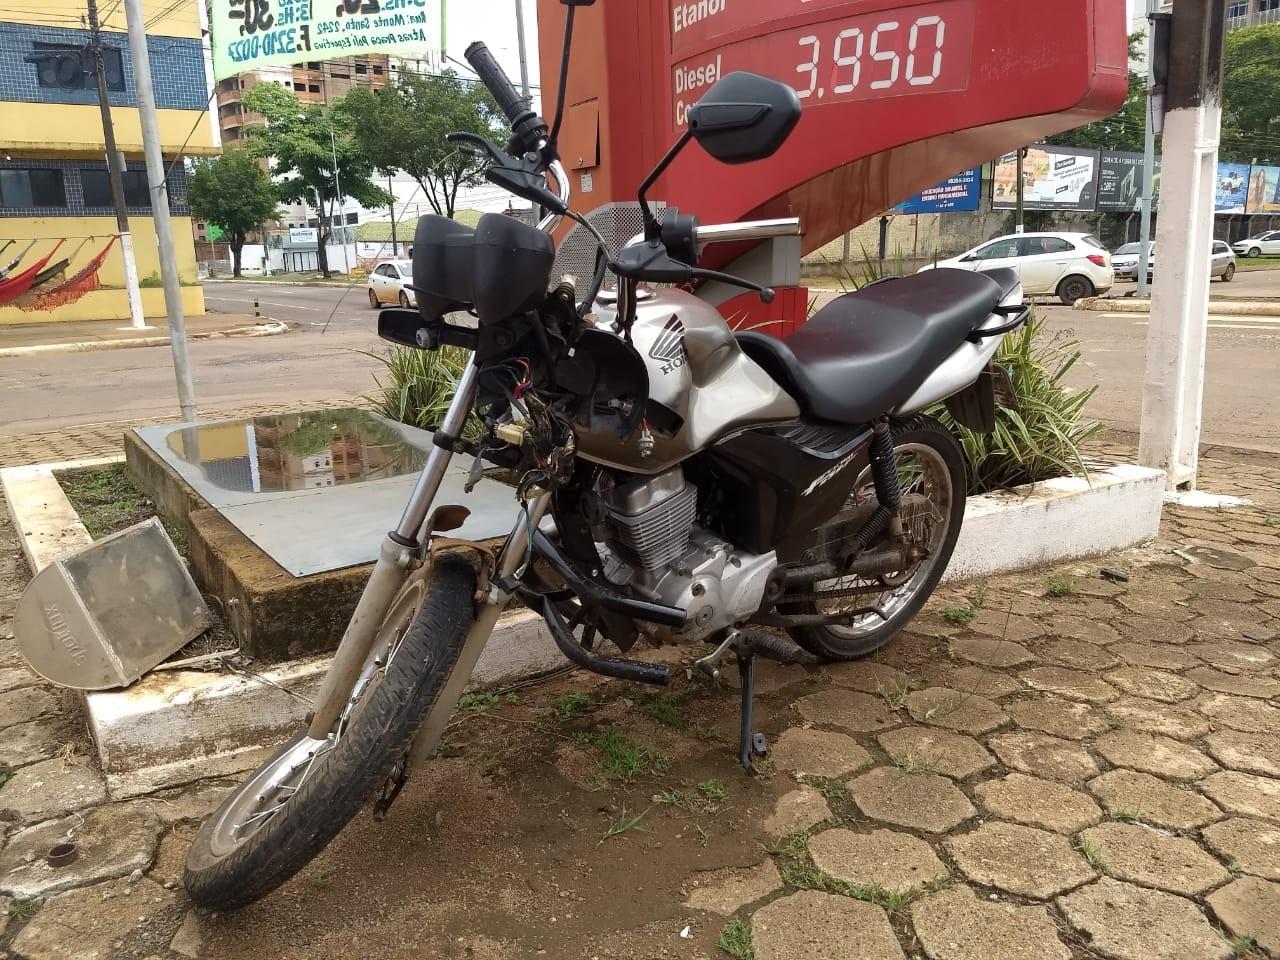 No dia do aniversário, motociclista morre em acidente na avenida Rio Madeira em Porto Velho